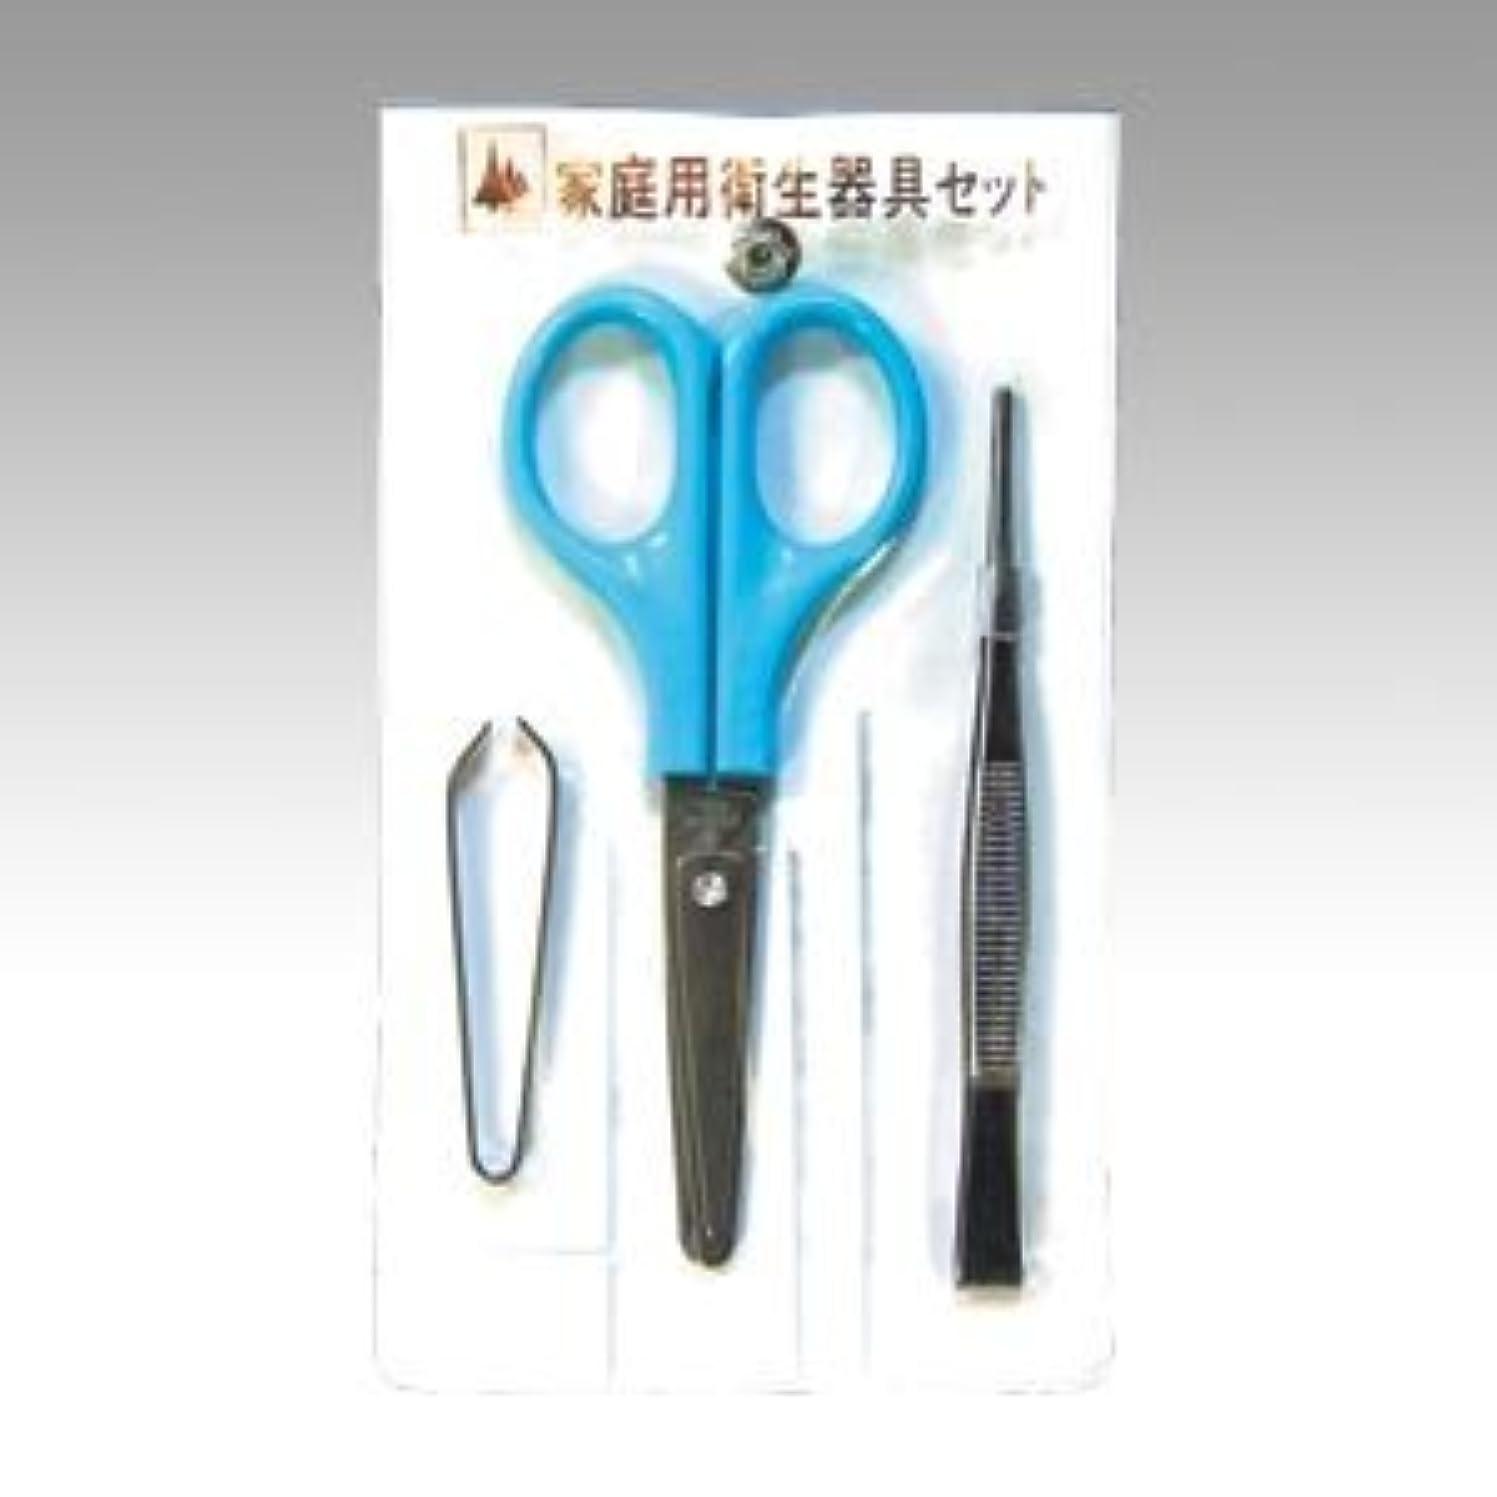 眉こする対人(まとめ買い) 森繁 衛生器具3点セット MK-115 【×10】